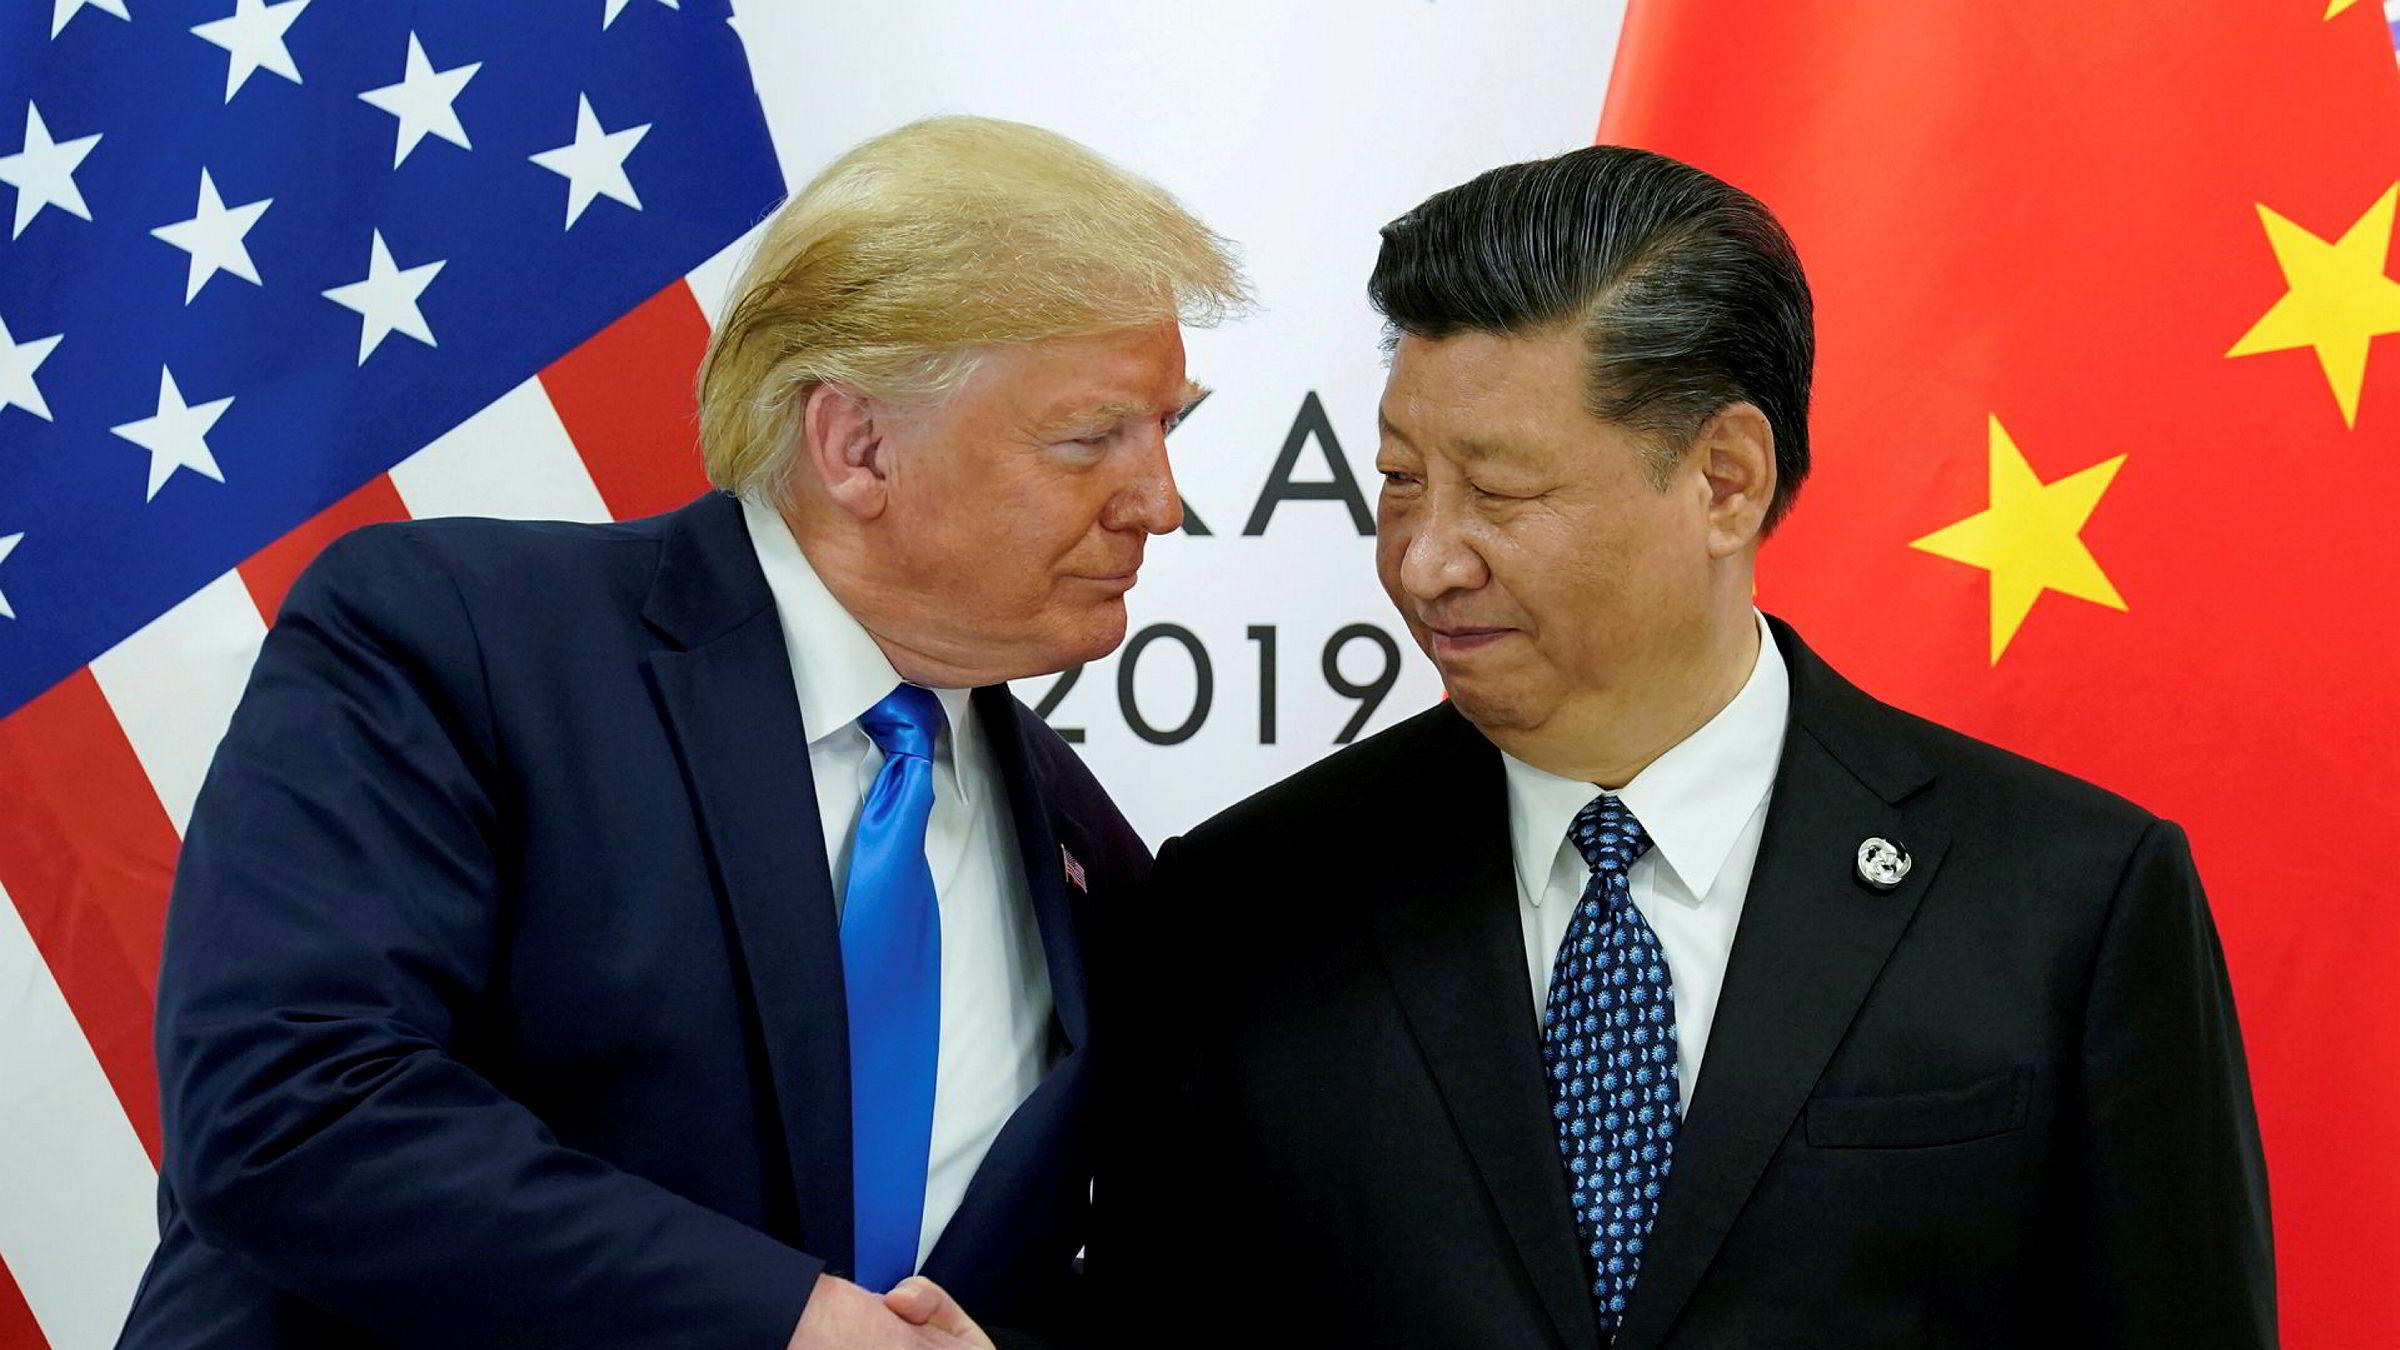 Handelsavtalen som Kina og USA ble enige om sist fredag, bør ikke gi for store forhåpninger, skriver artikkelforfatteren. President Donald Trump møter her Kinas president Xi Jinping på G20-møtet i Osaka i Japan i sommer.